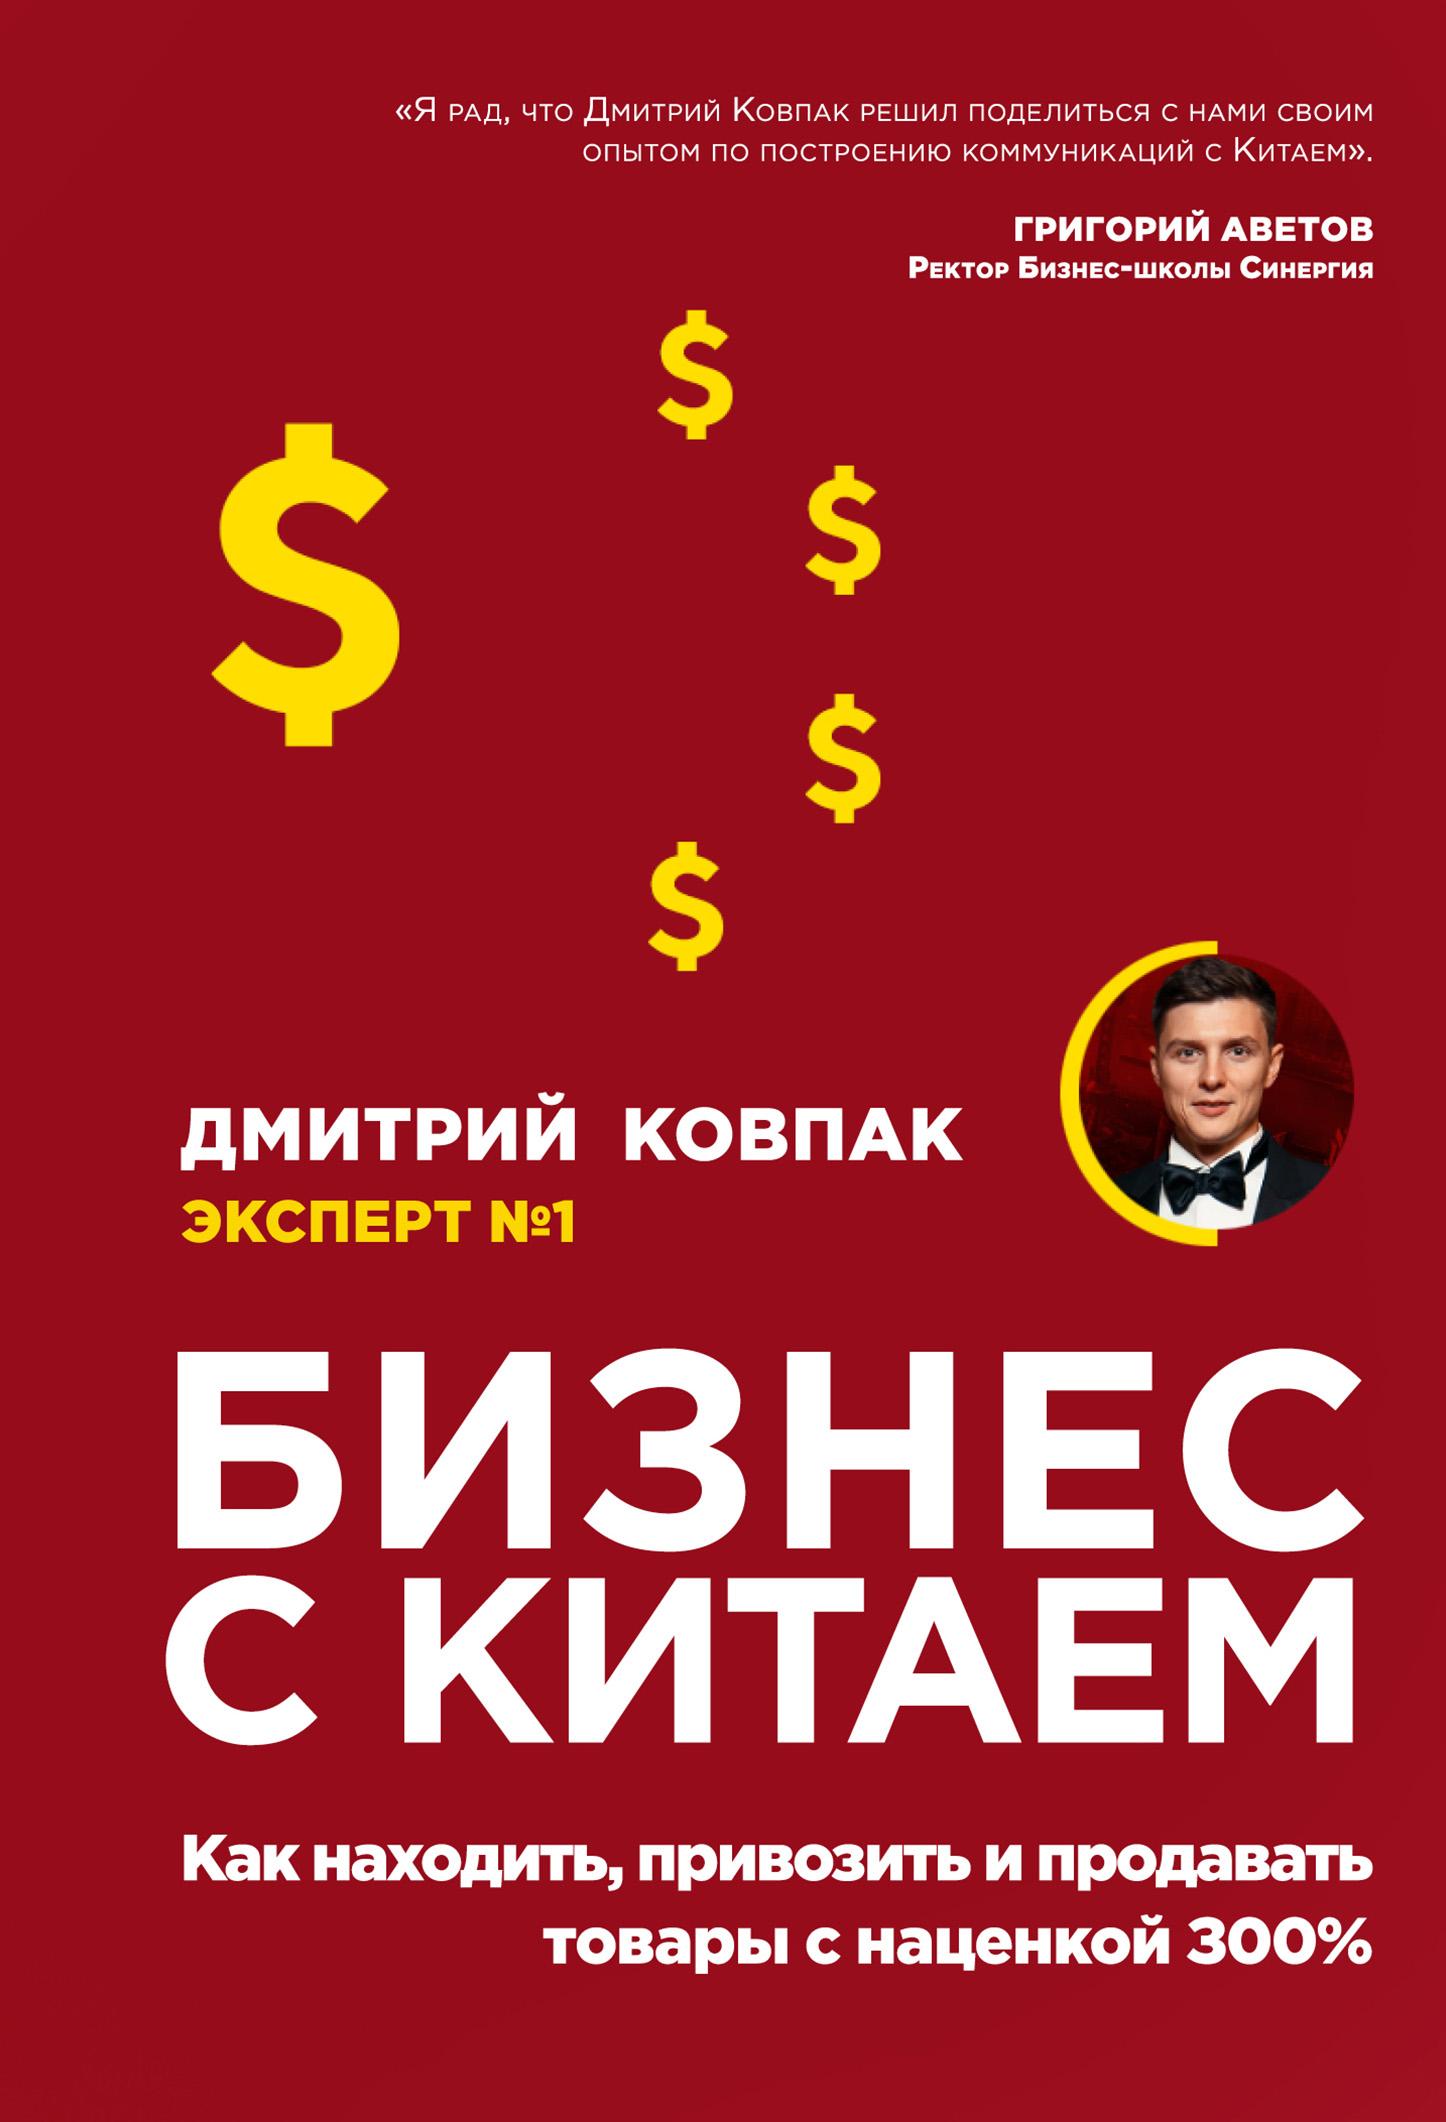 Обложка книги. Автор - Дмитрий Ковпак